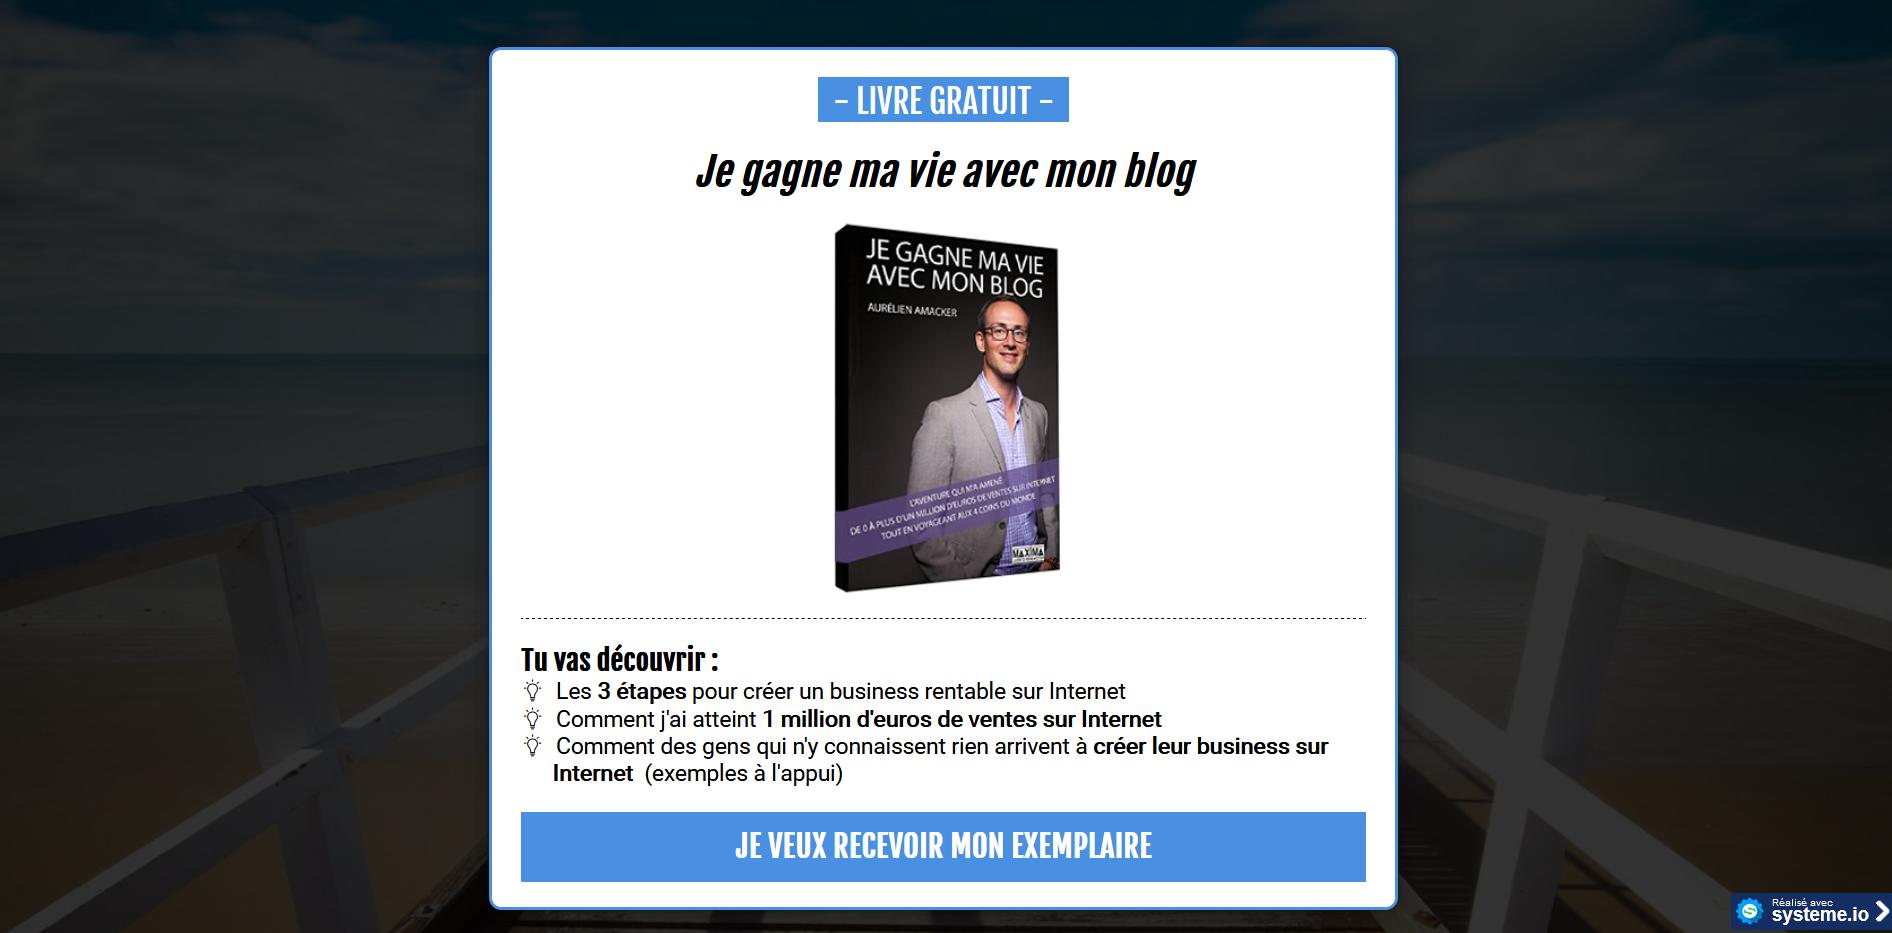 Livre Gratuit - Je gagne ma vie avec mon blog